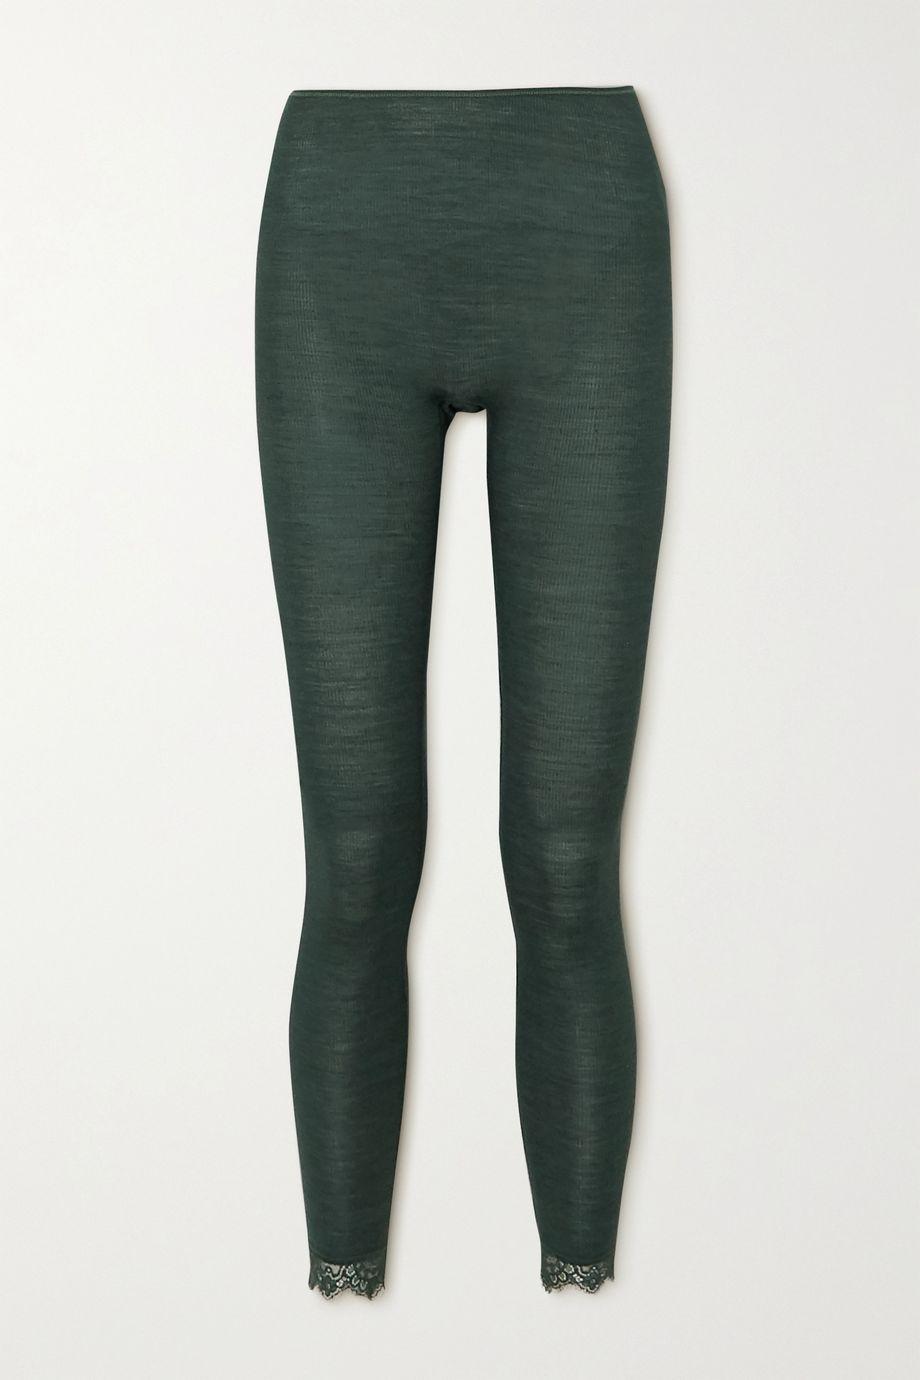 Hanro Woolen Leggings aus einer gerippten Woll-Seidenmischung mit Spitzenbesätzen